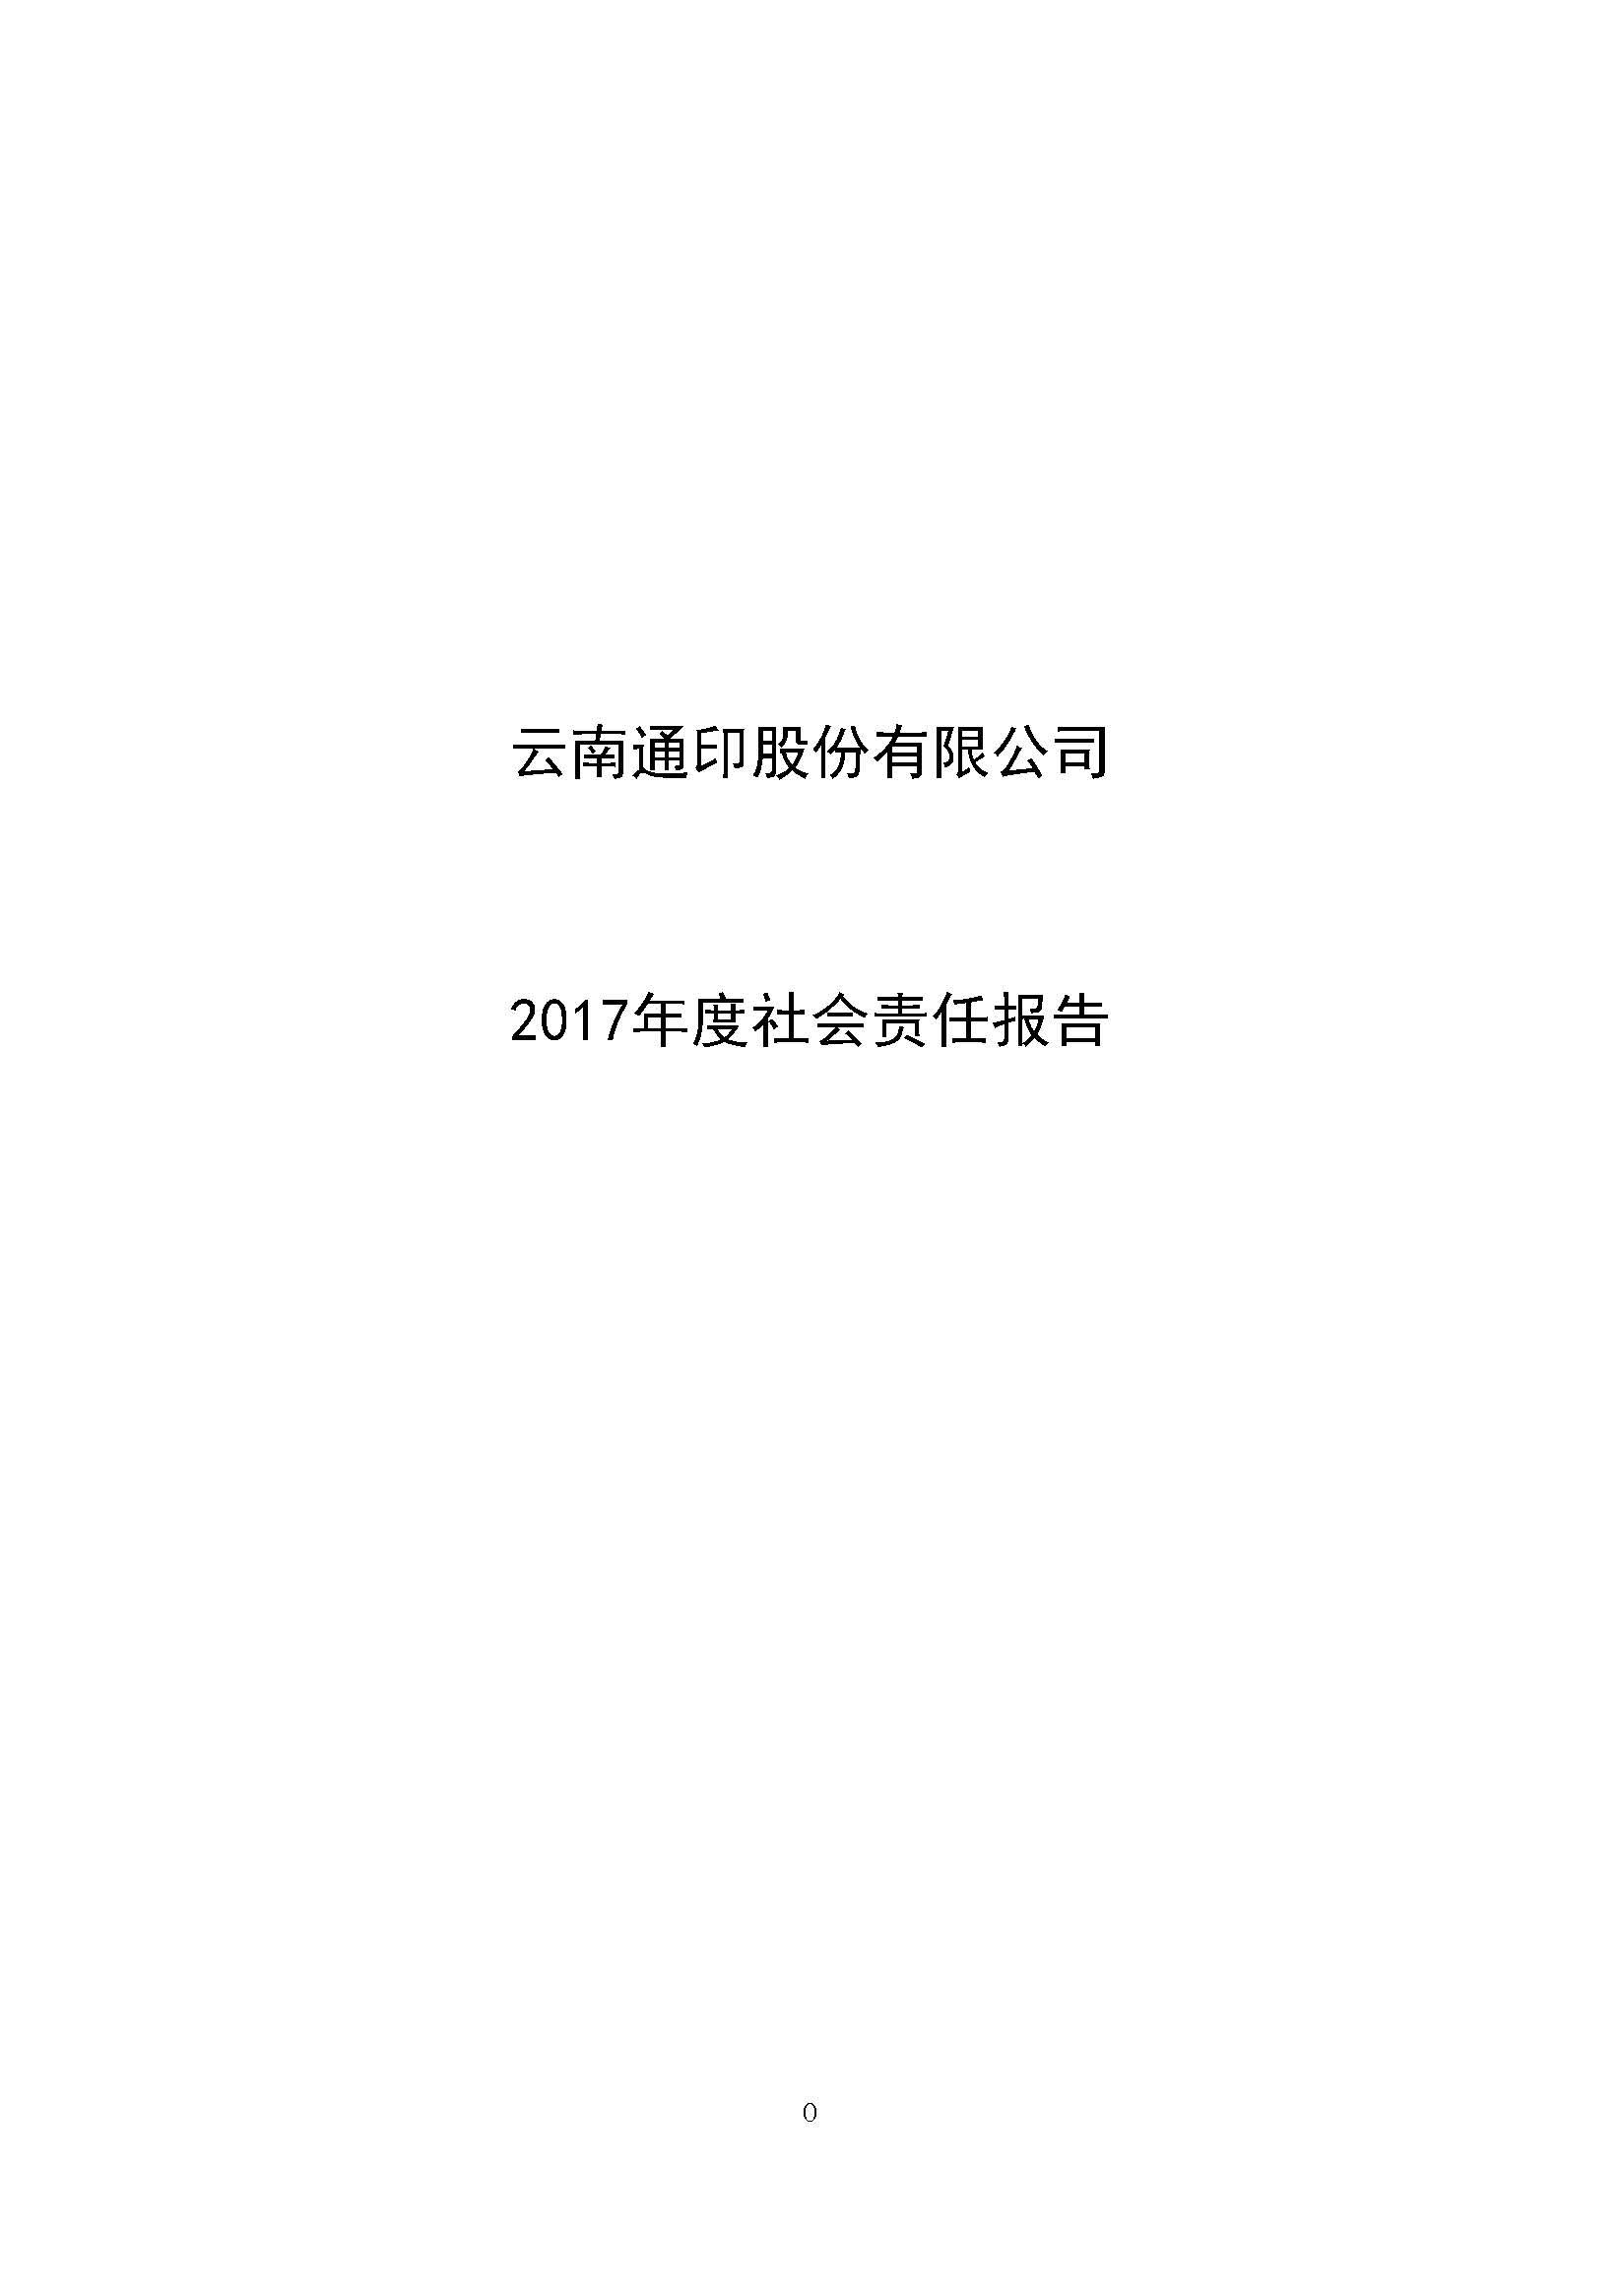 2017年社会责任报告